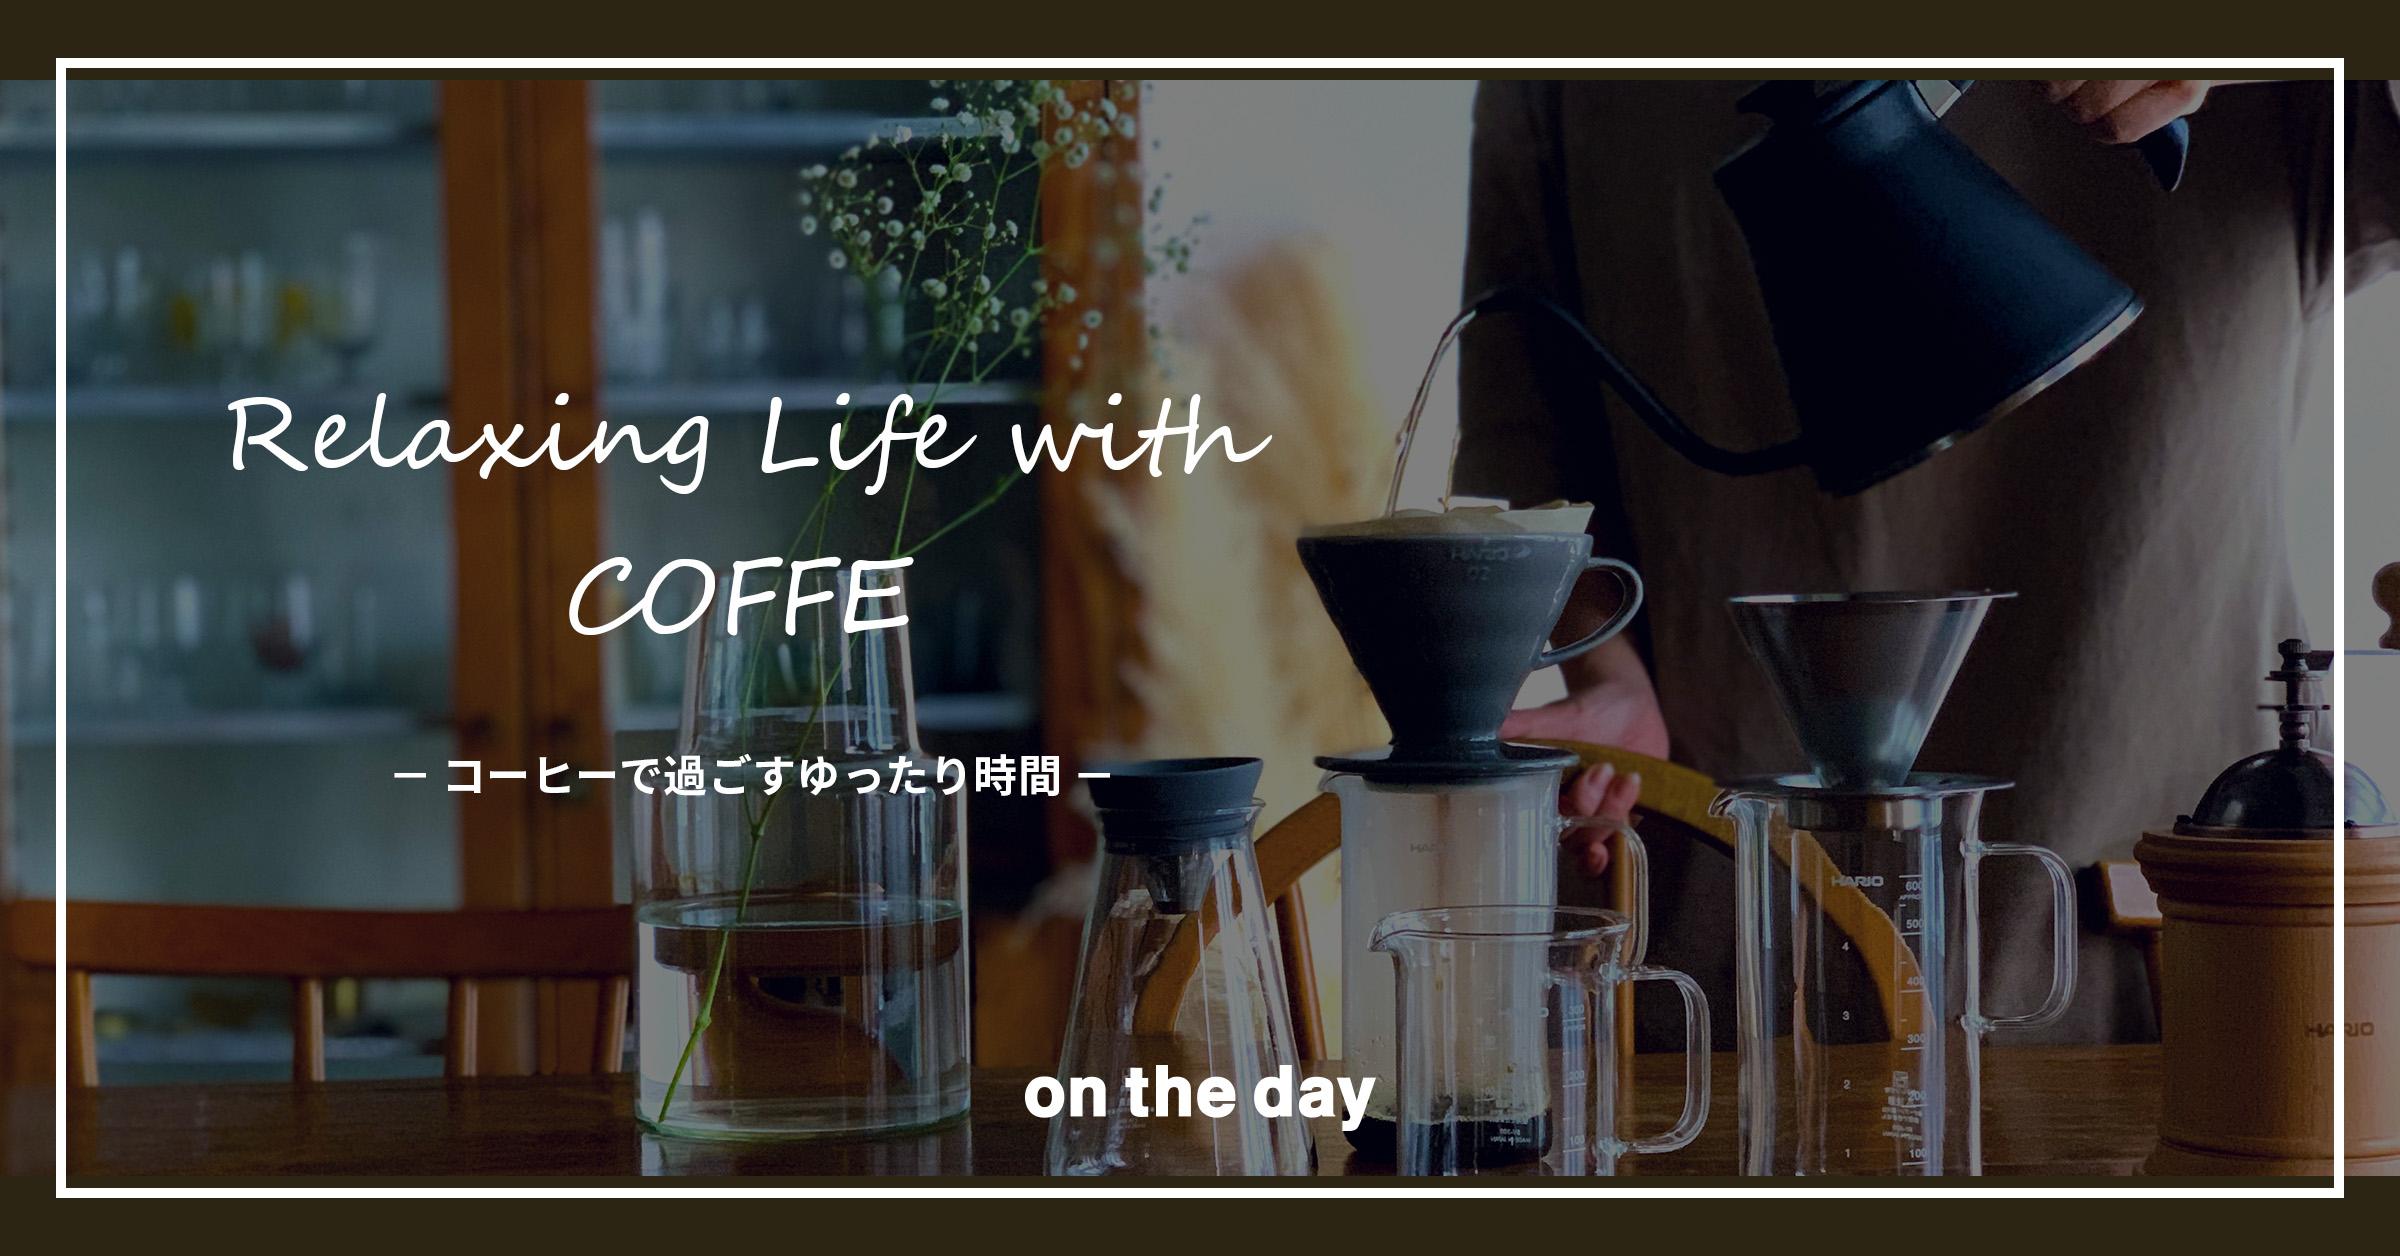 コーヒーで過ごす「ゆったり時間」